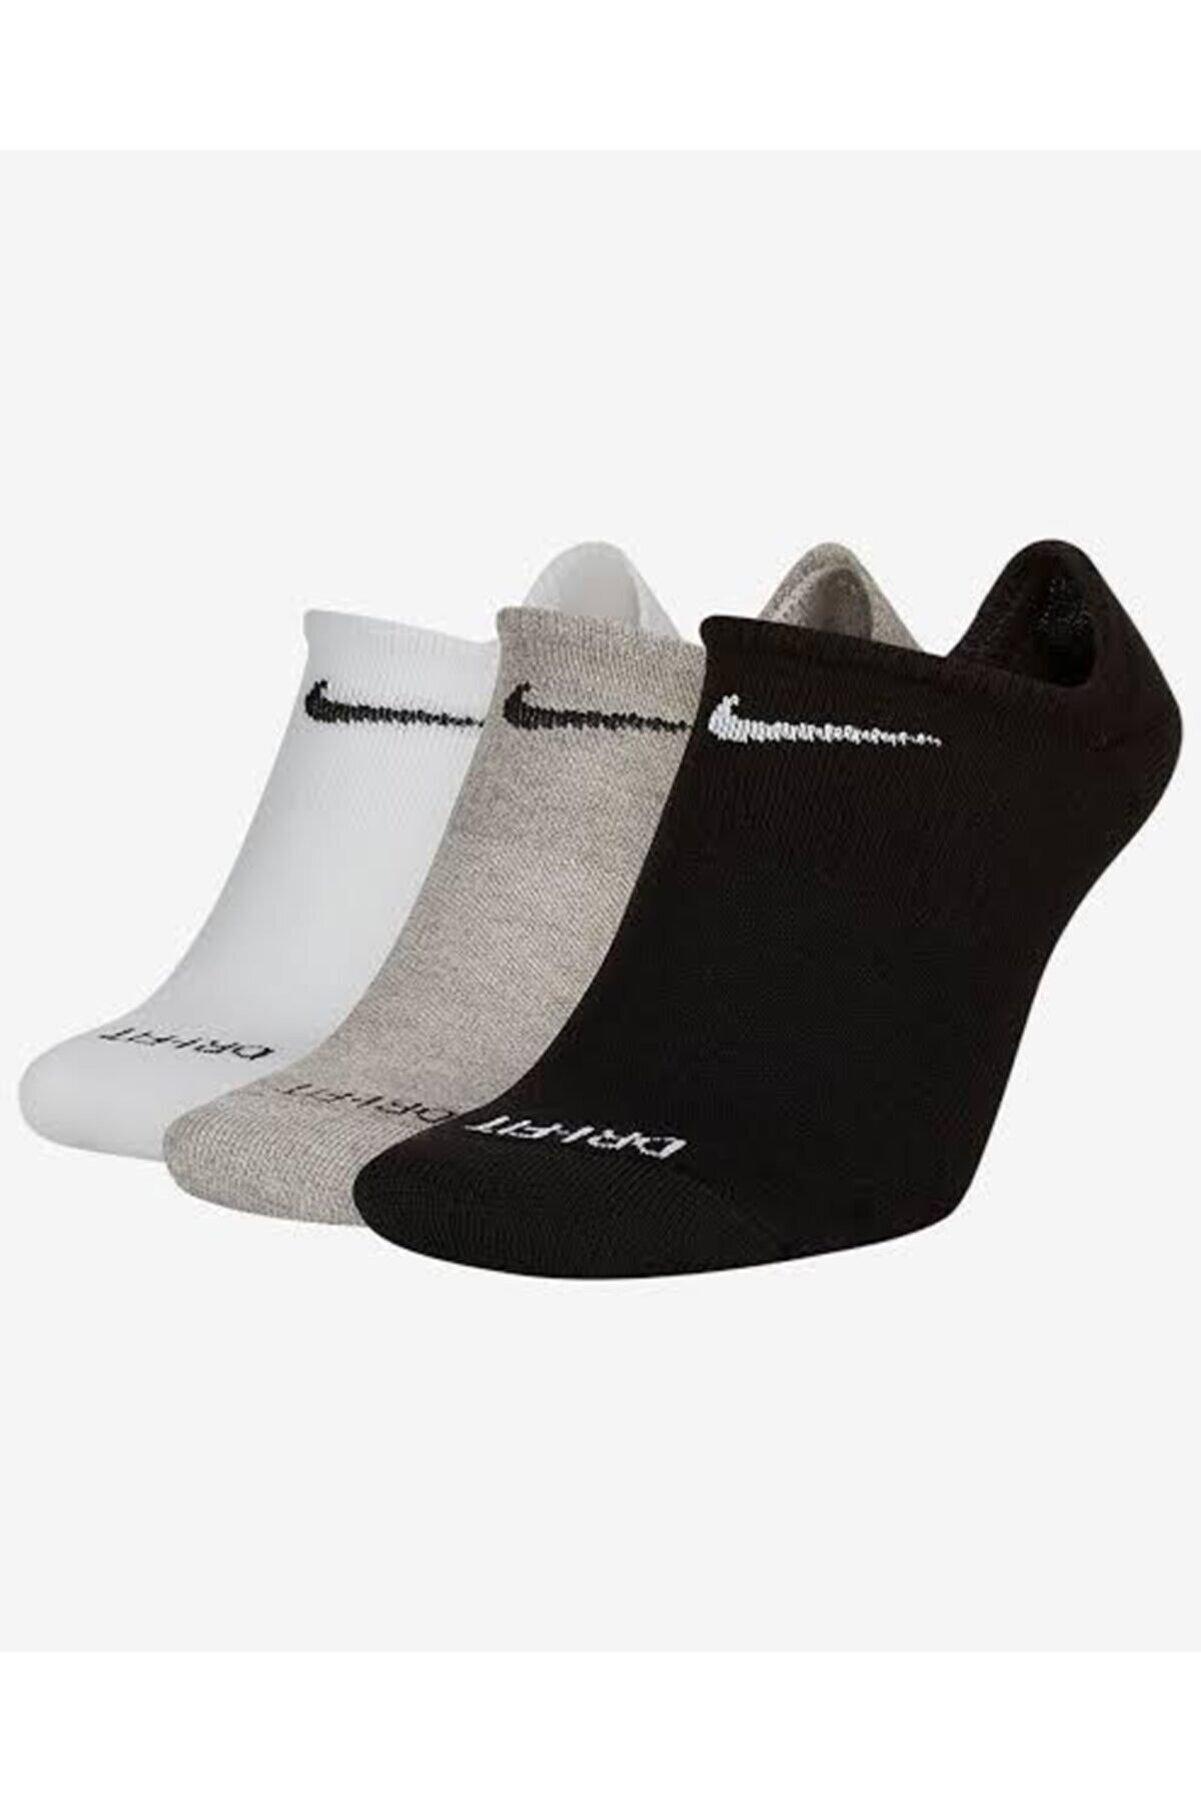 Nike Unisex Karışık Renkli Everyday Plus Cushioned 3'lü Çorap Seti